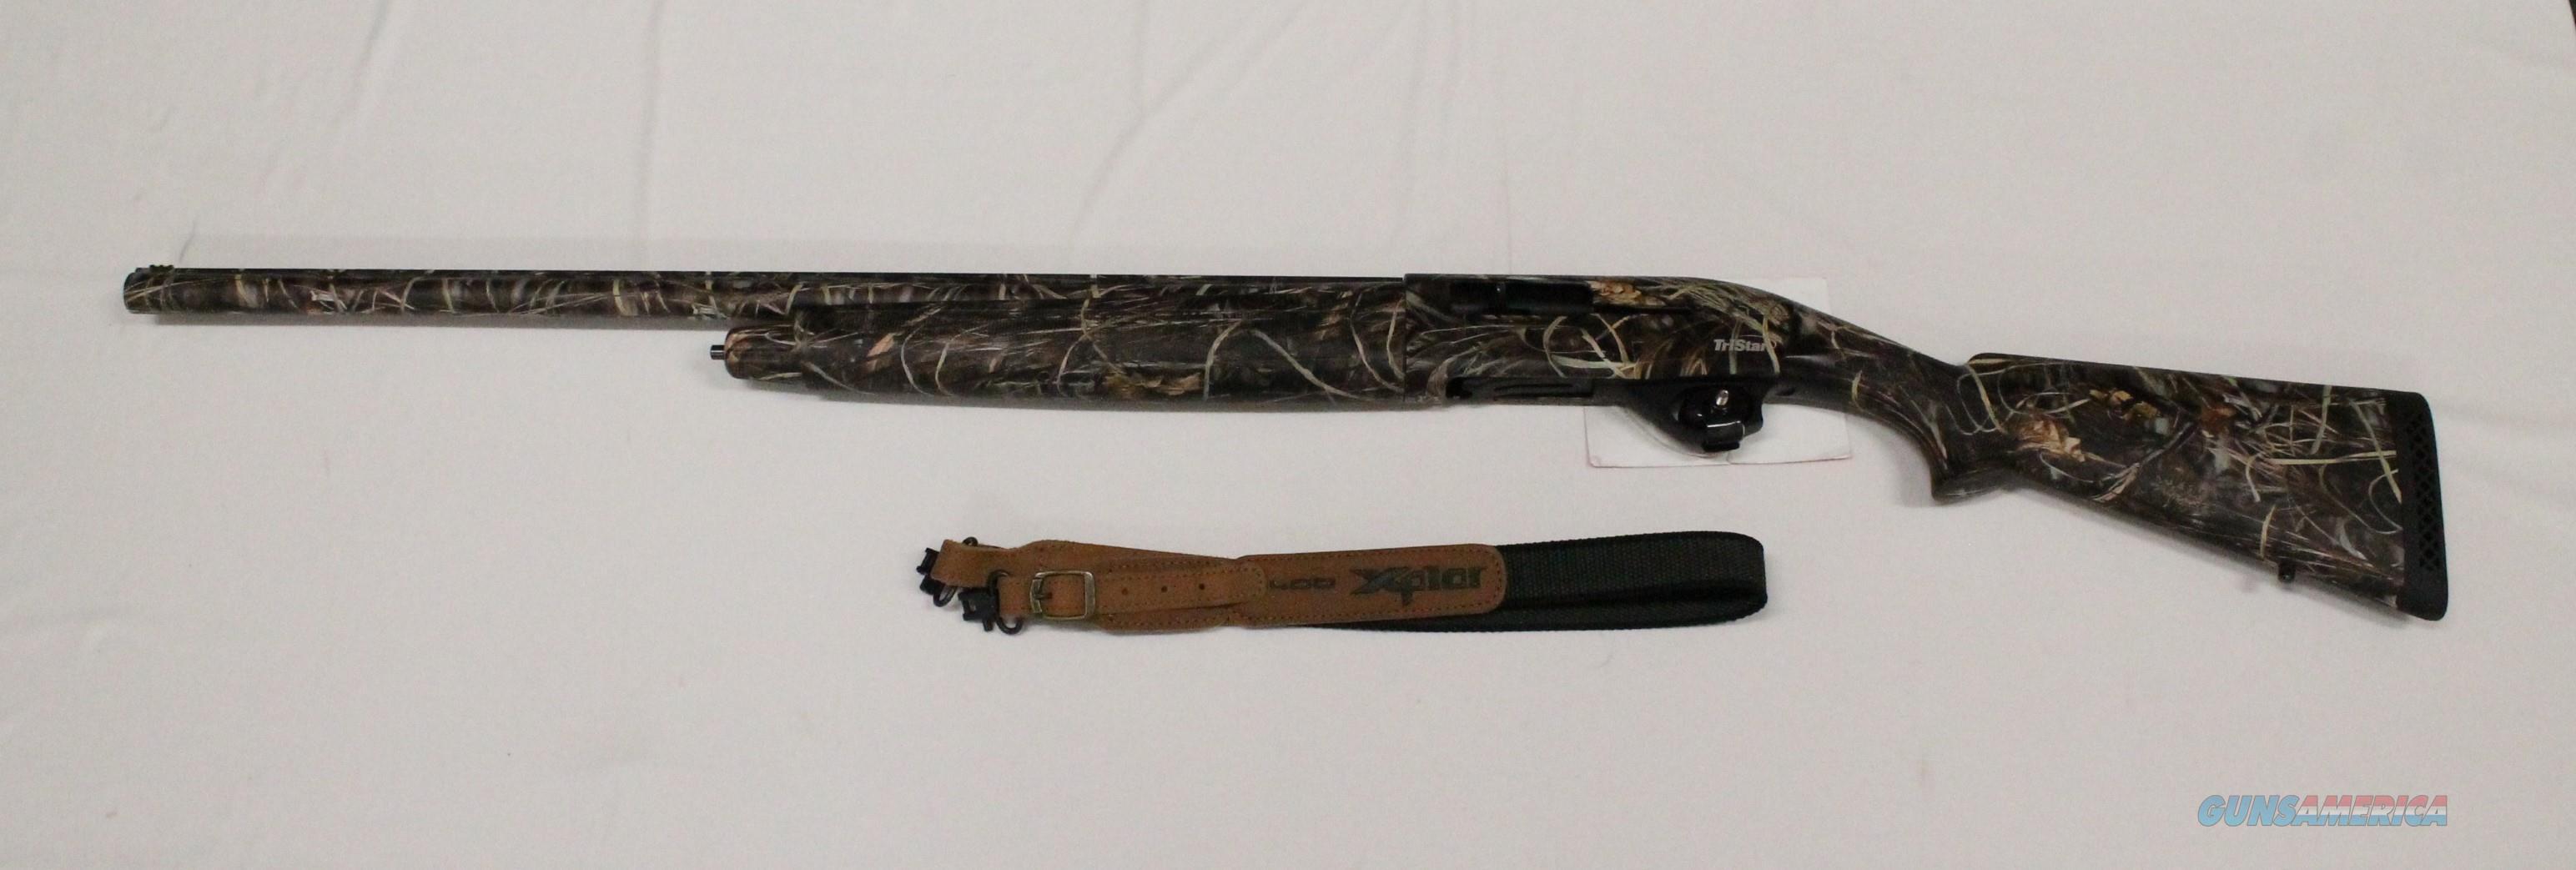 Tristar Viper 12 Gauge Semi-Auto Shotgun  Guns > Shotguns > Tristar Shotguns